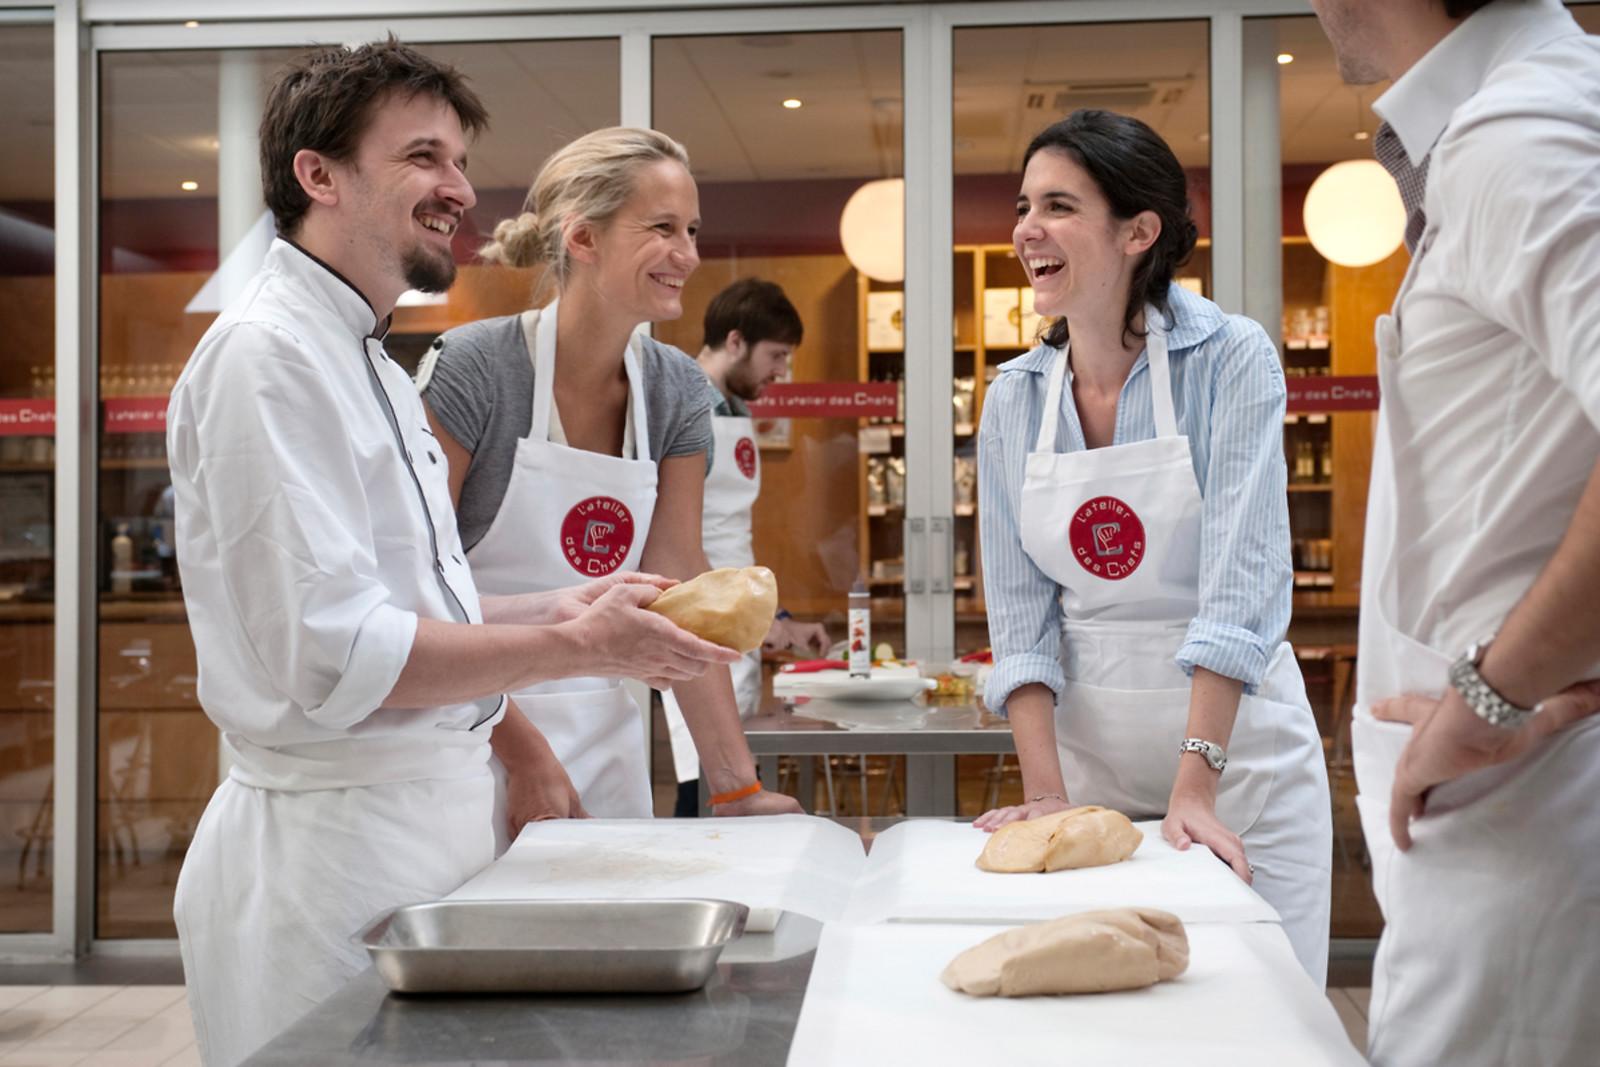 Un cours de cuisine l 39 atelier des chefs nantes 44 - Cours de cuisine l atelier des chefs ...